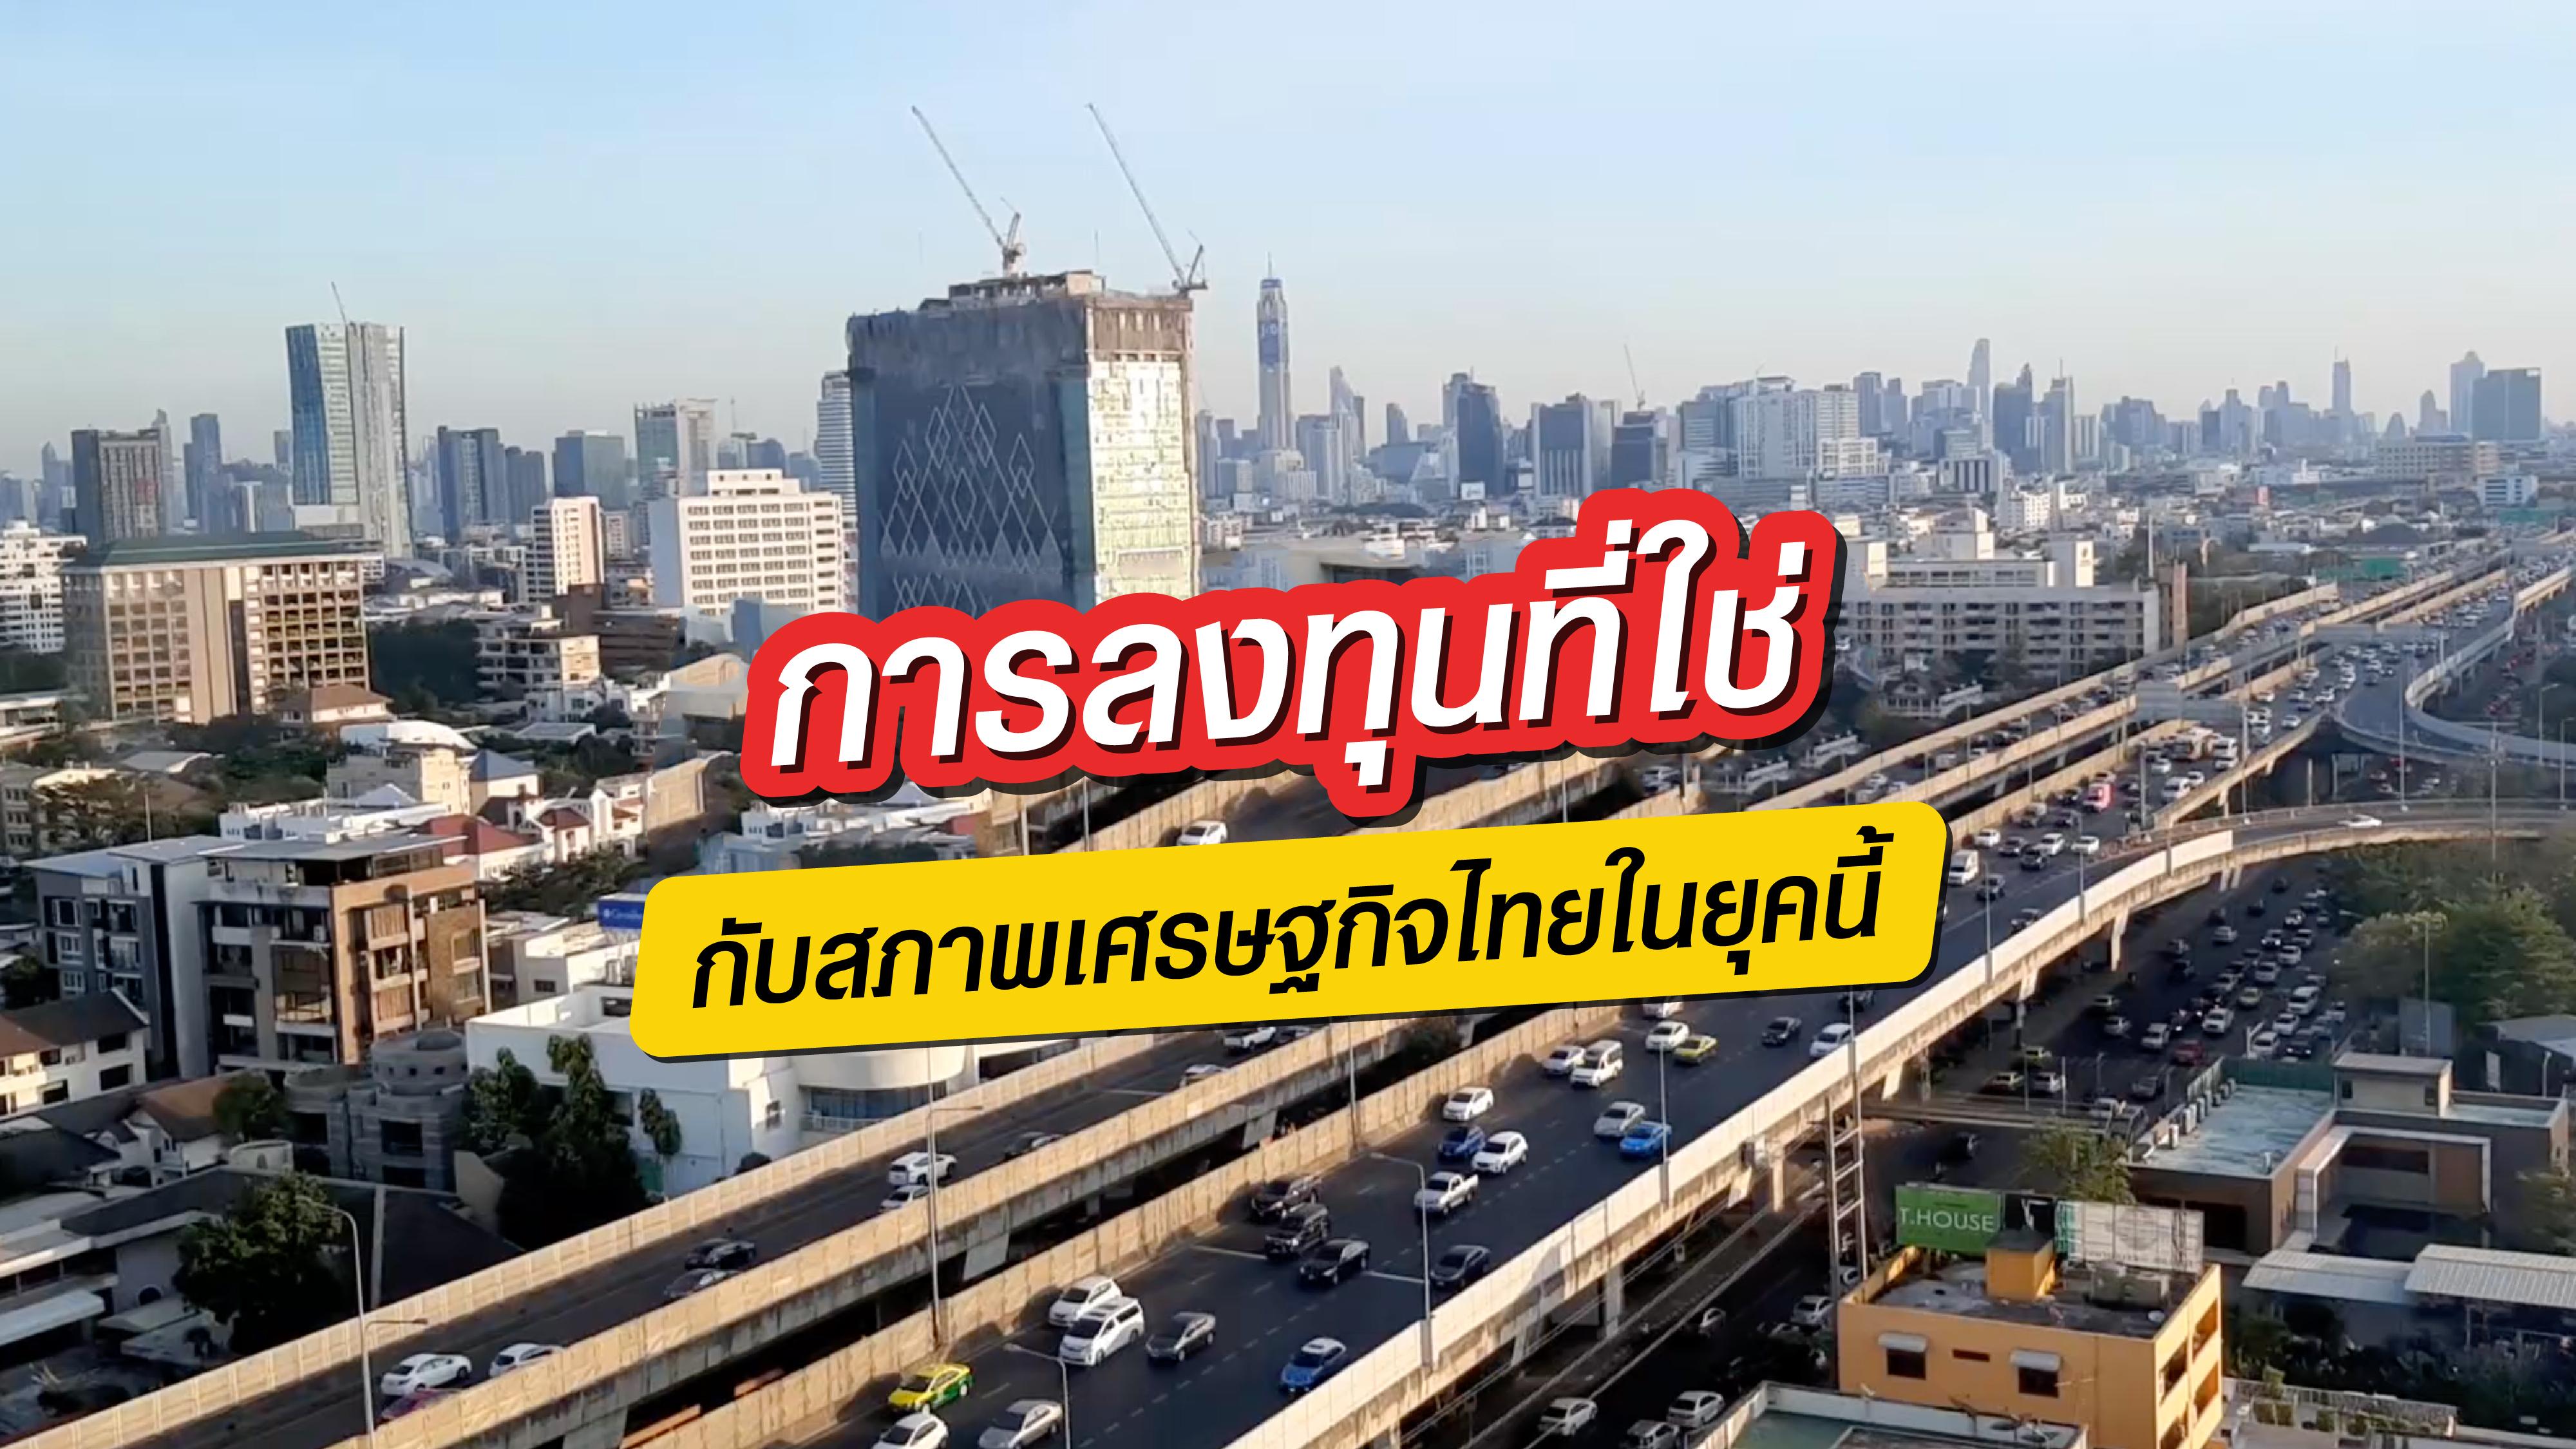 การลงทุนที่ใช่ กับสภาพเศรษฐกิจไทยในยุคนี้